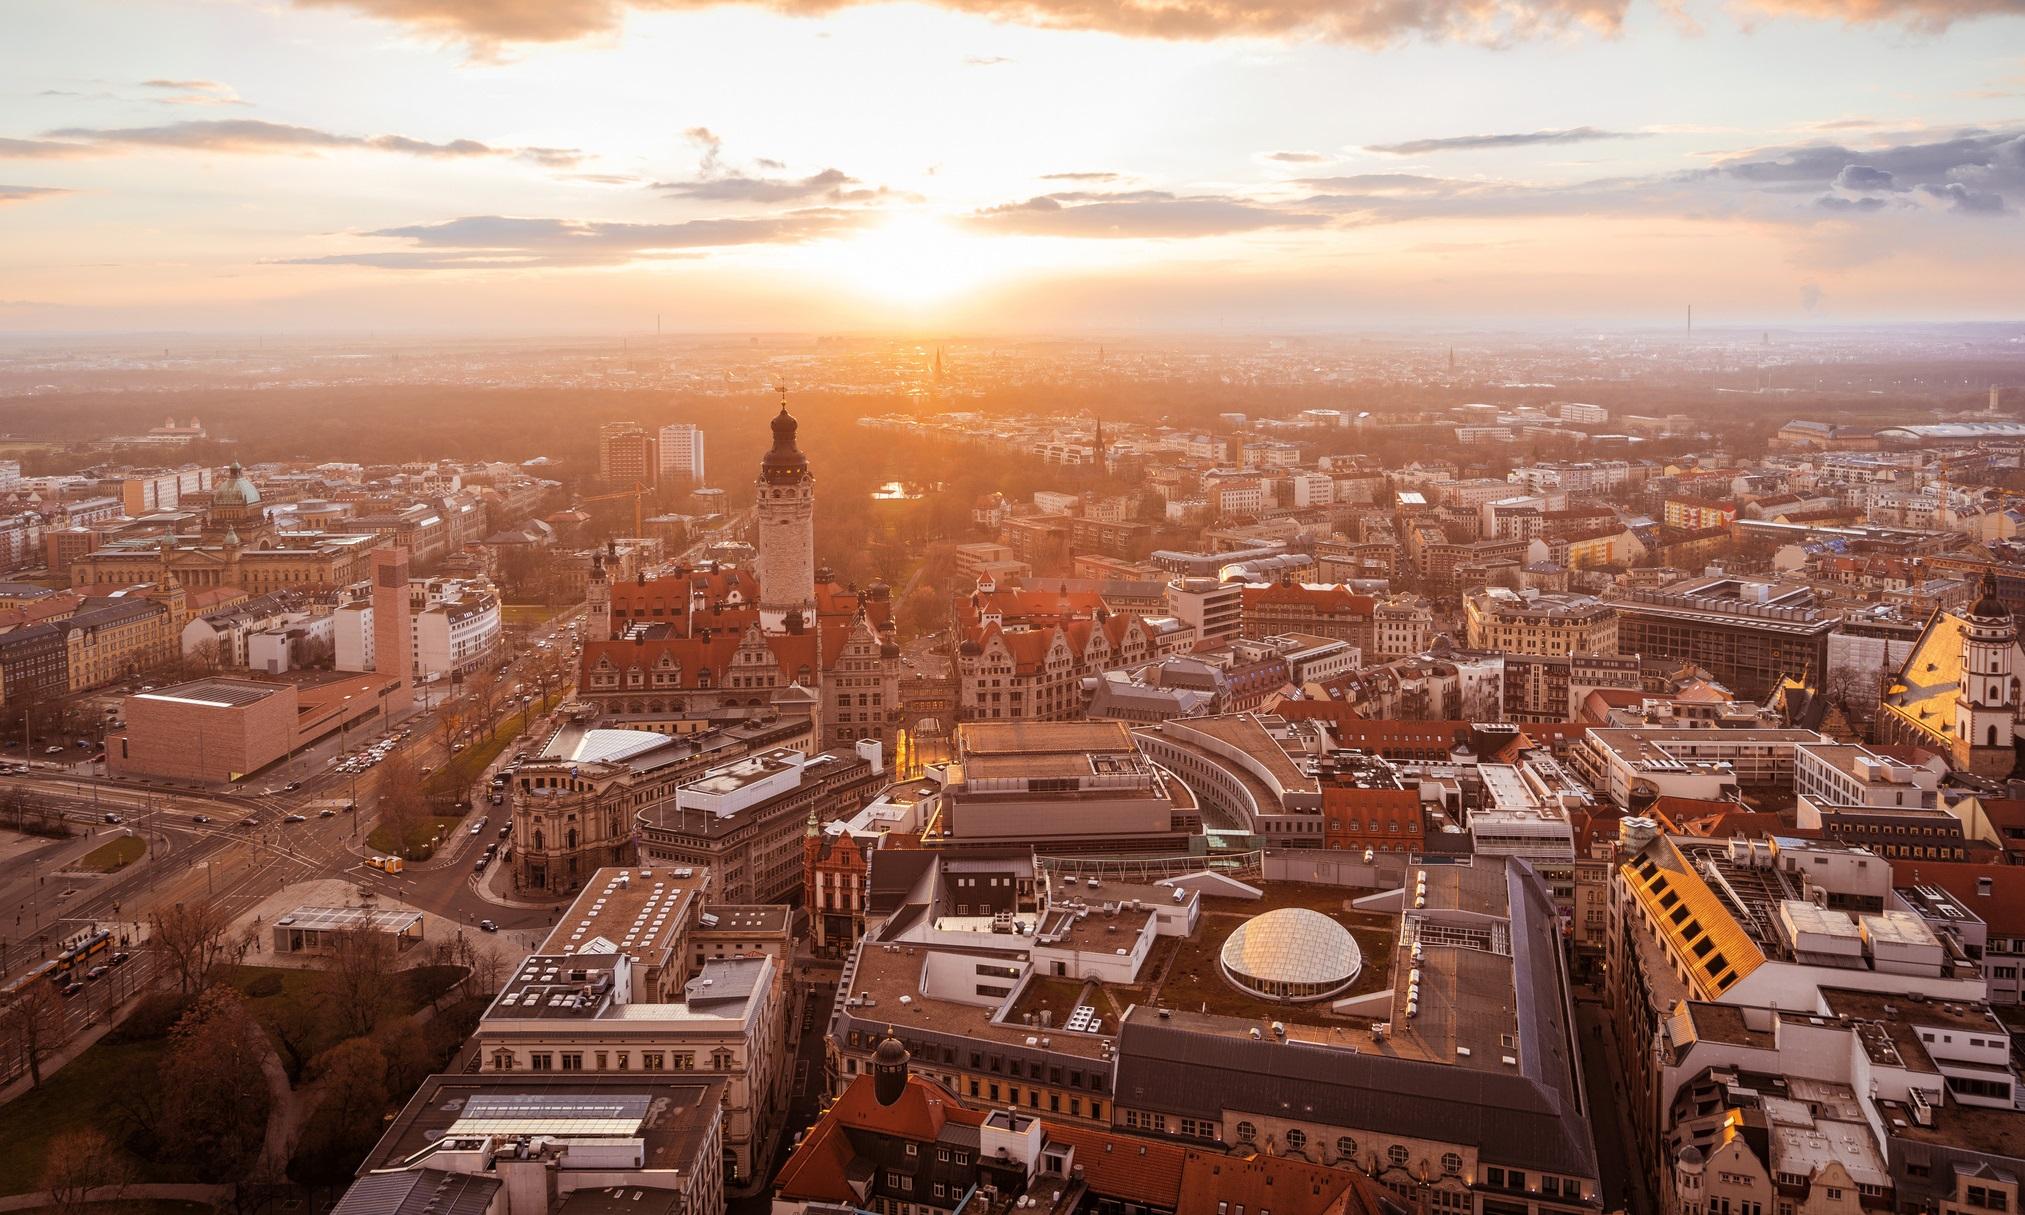 Haushaltsauflösung und Entrümpelung in Leipzig